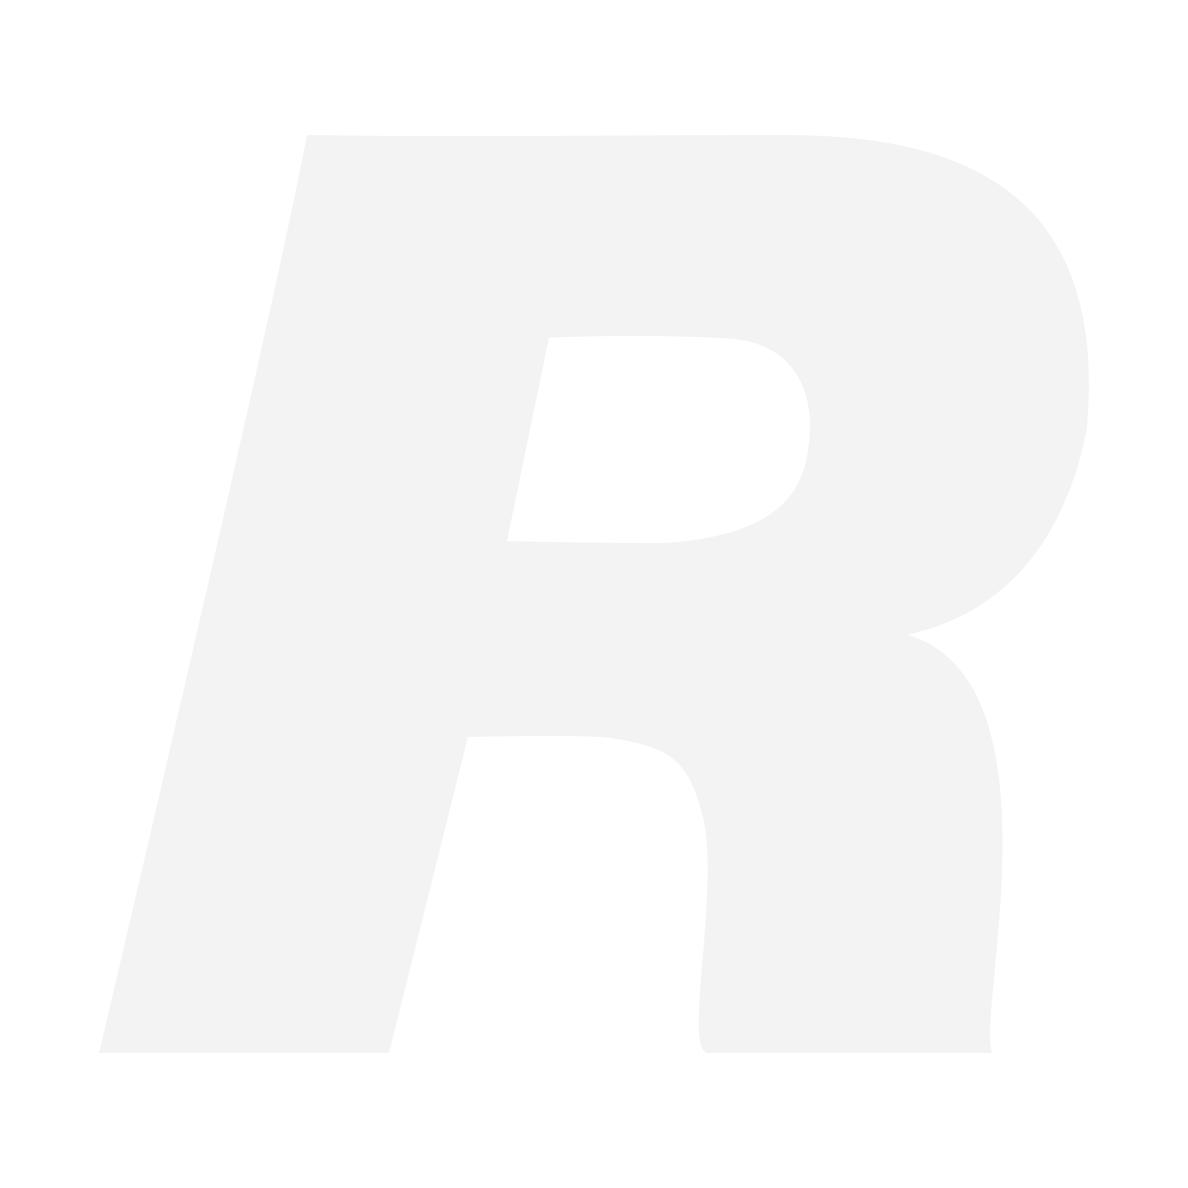 PANASONIC LUMIX DMC-GH4 runko  Käytetty